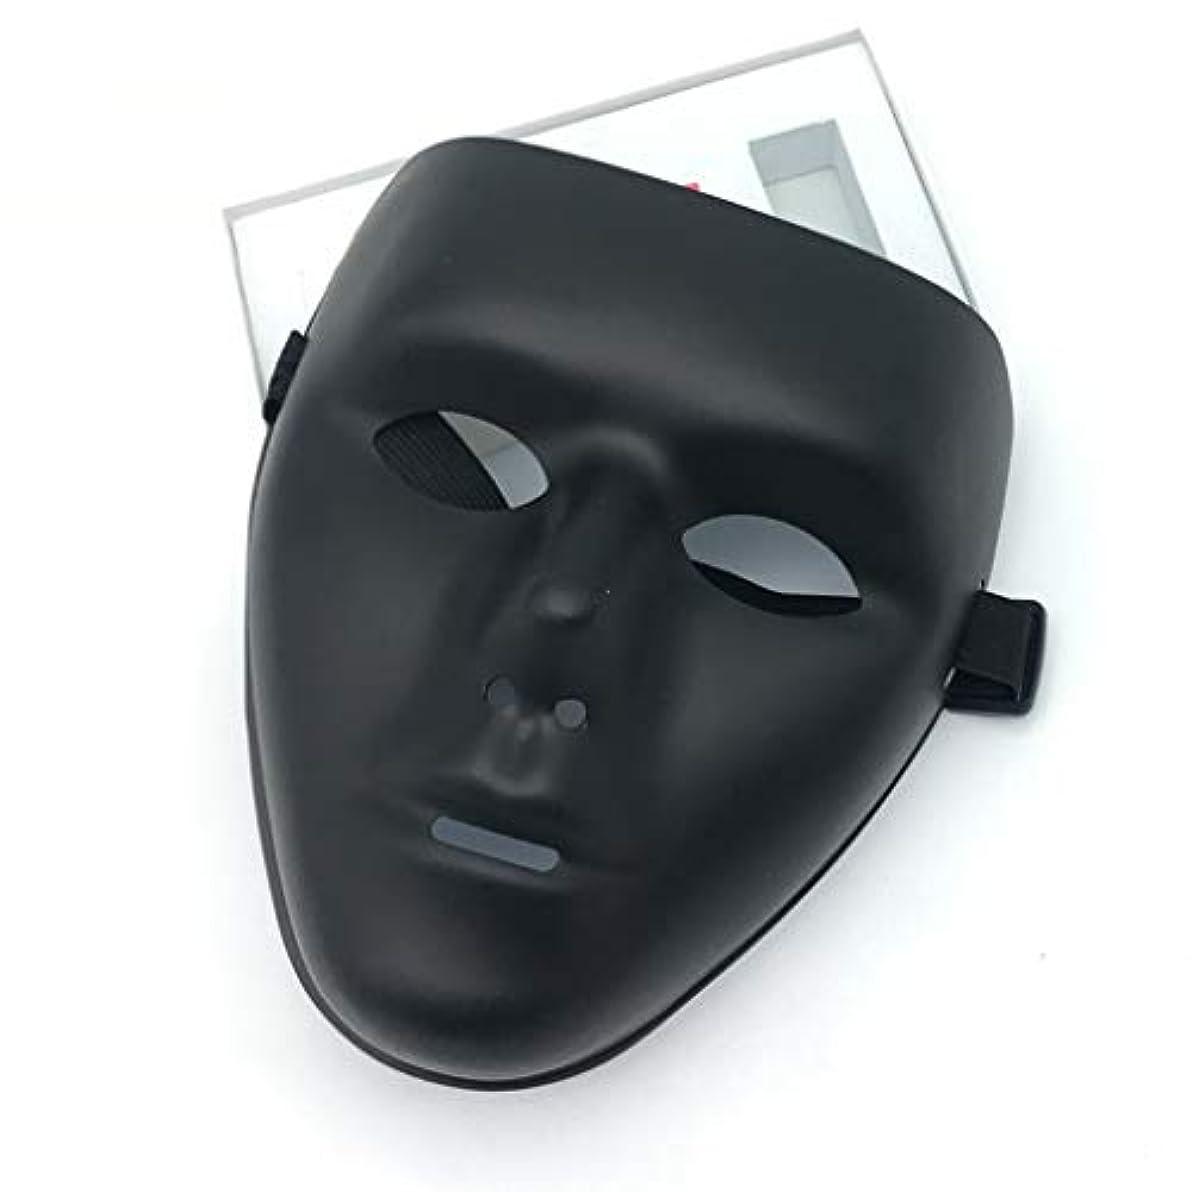 原子炉ティッシュ連合ハロウィンマスクフルフェイスストリートダンス振動マスク仮装変なマスクダンスマスク